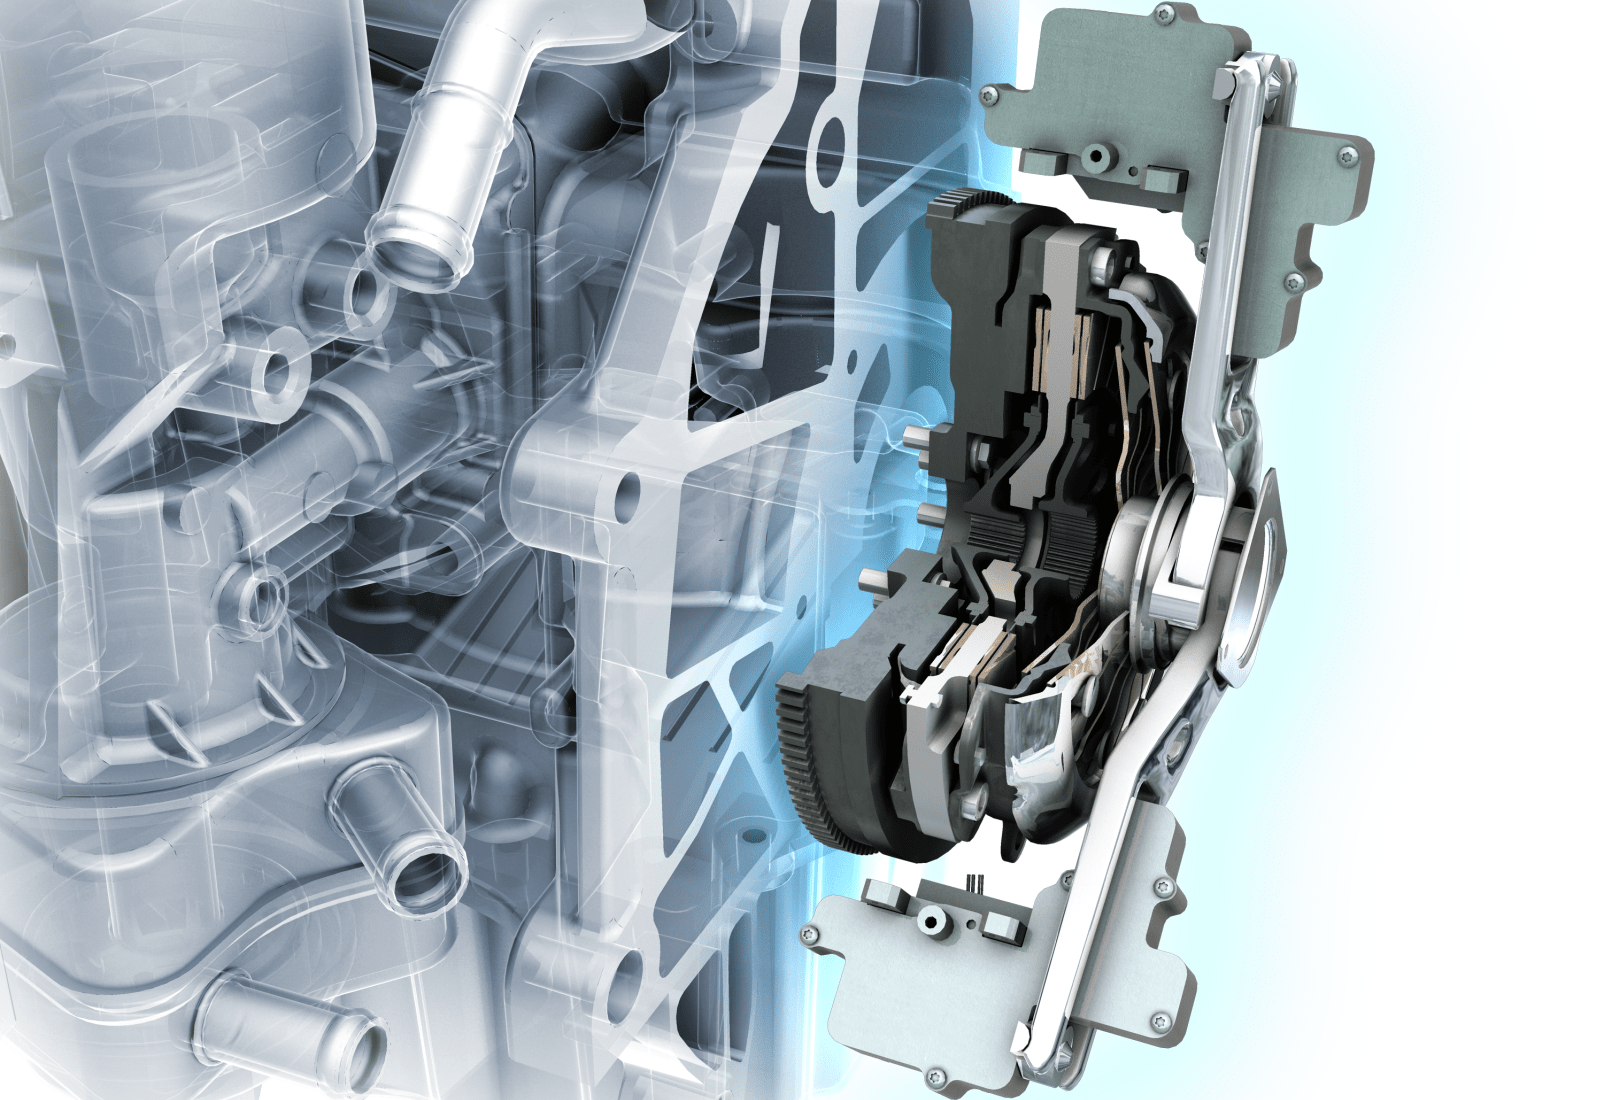 Dual Dry Clutch A Valeo Powertrain Systems Innovation